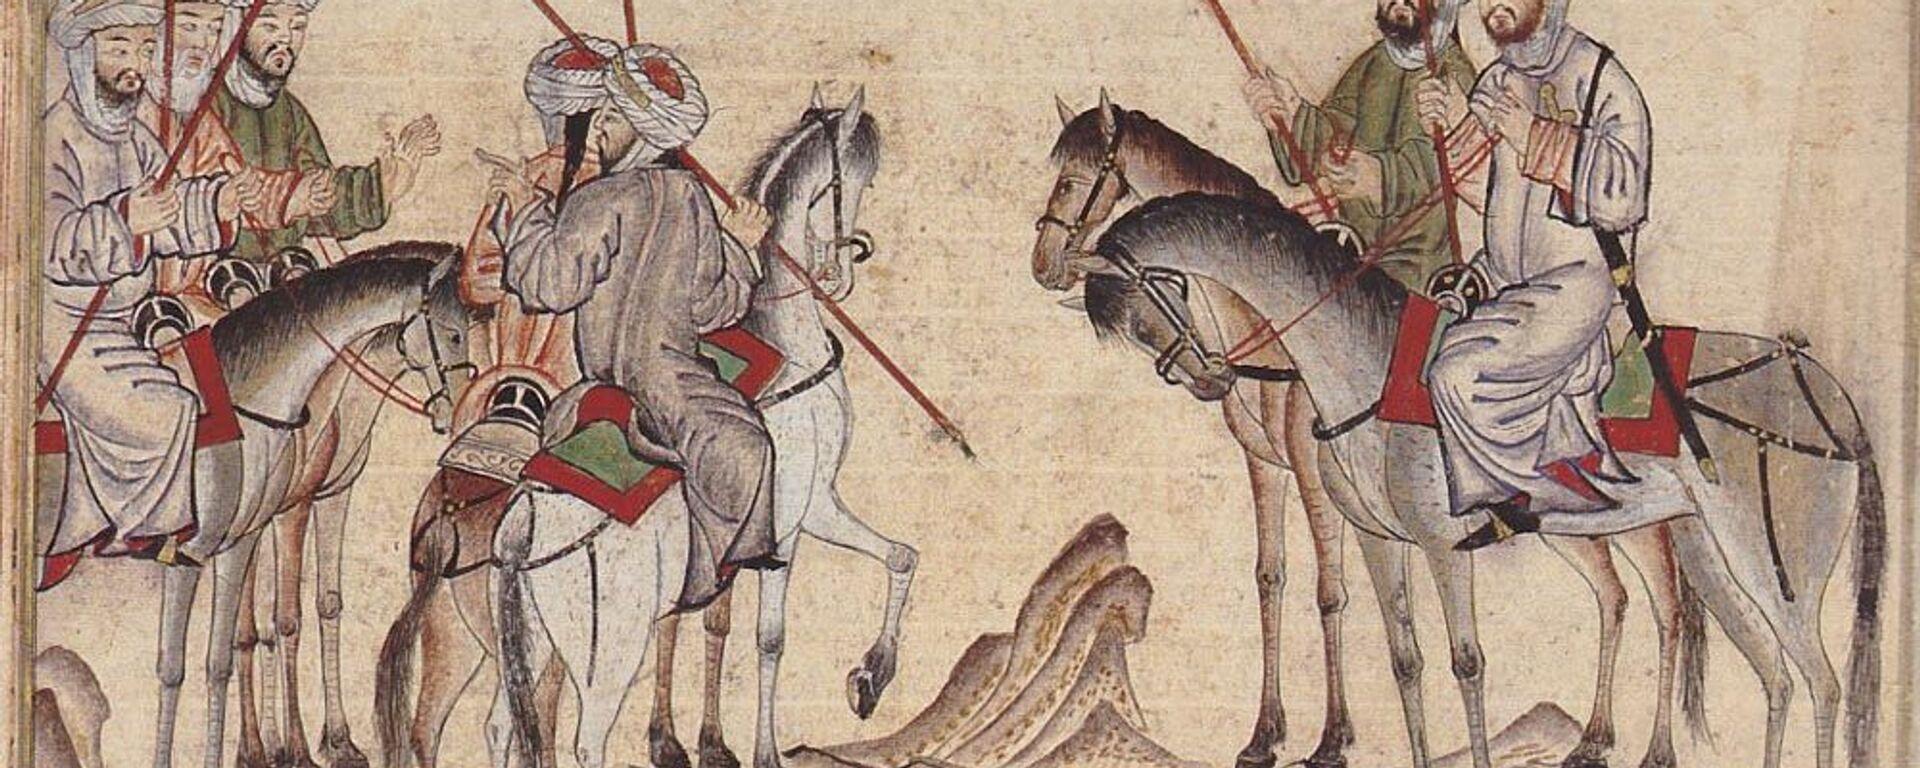 Изображение арабской конницы - Sputnik Таджикистан, 1920, 21.05.2019